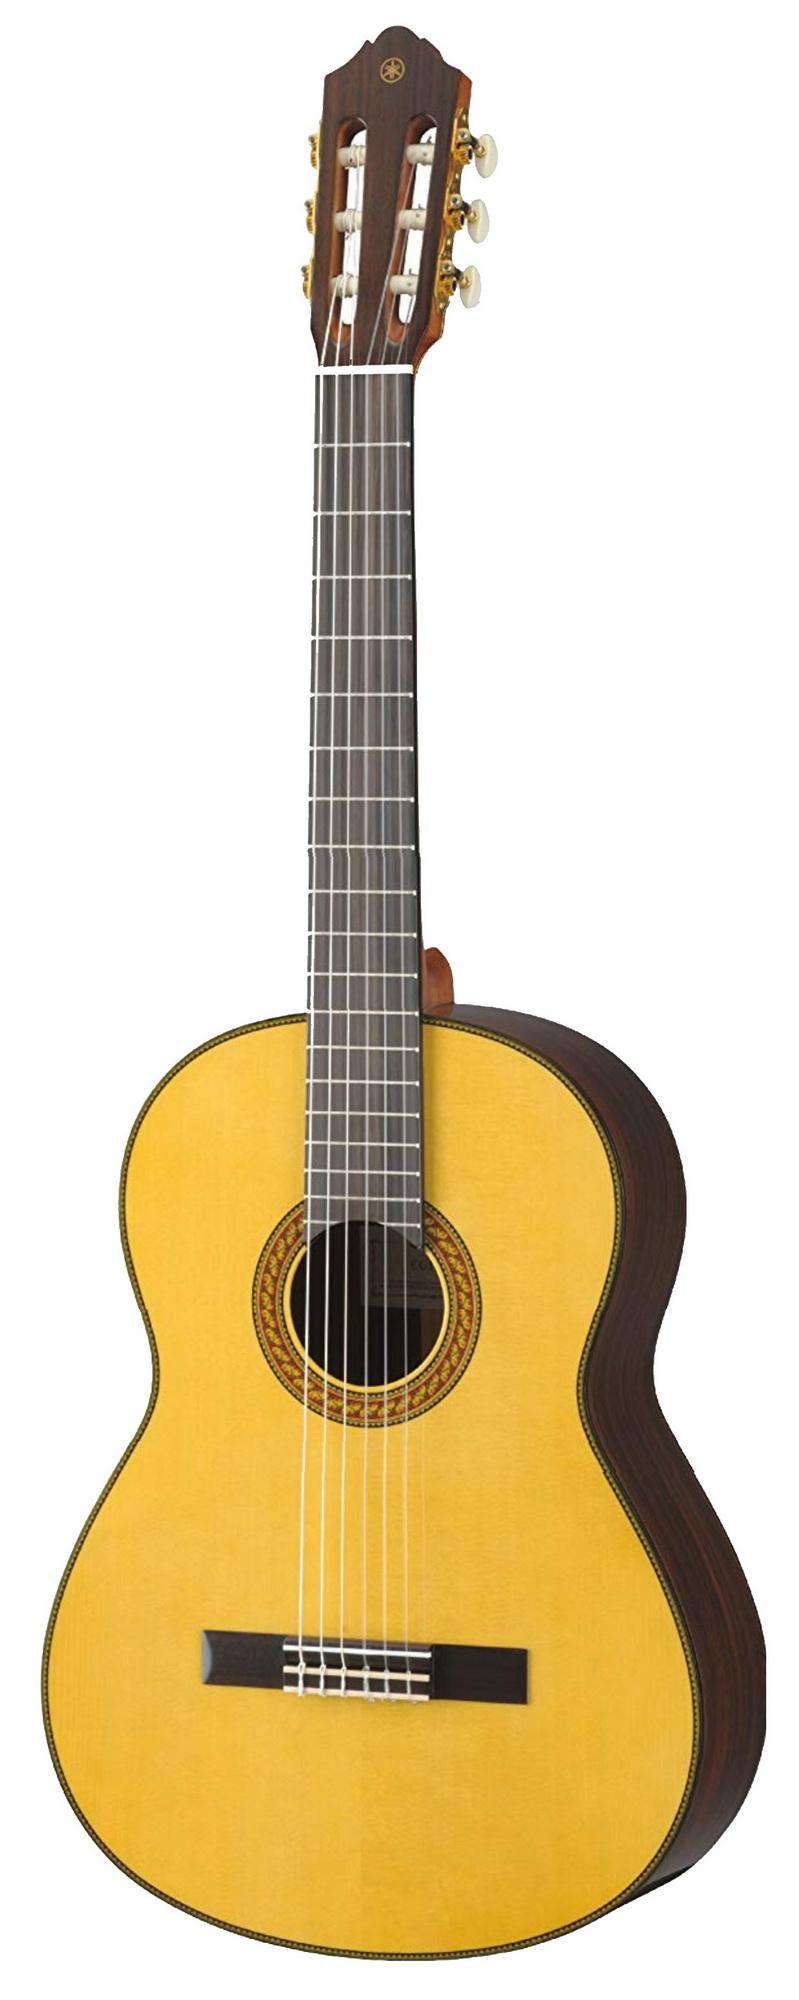 guitar002-hires